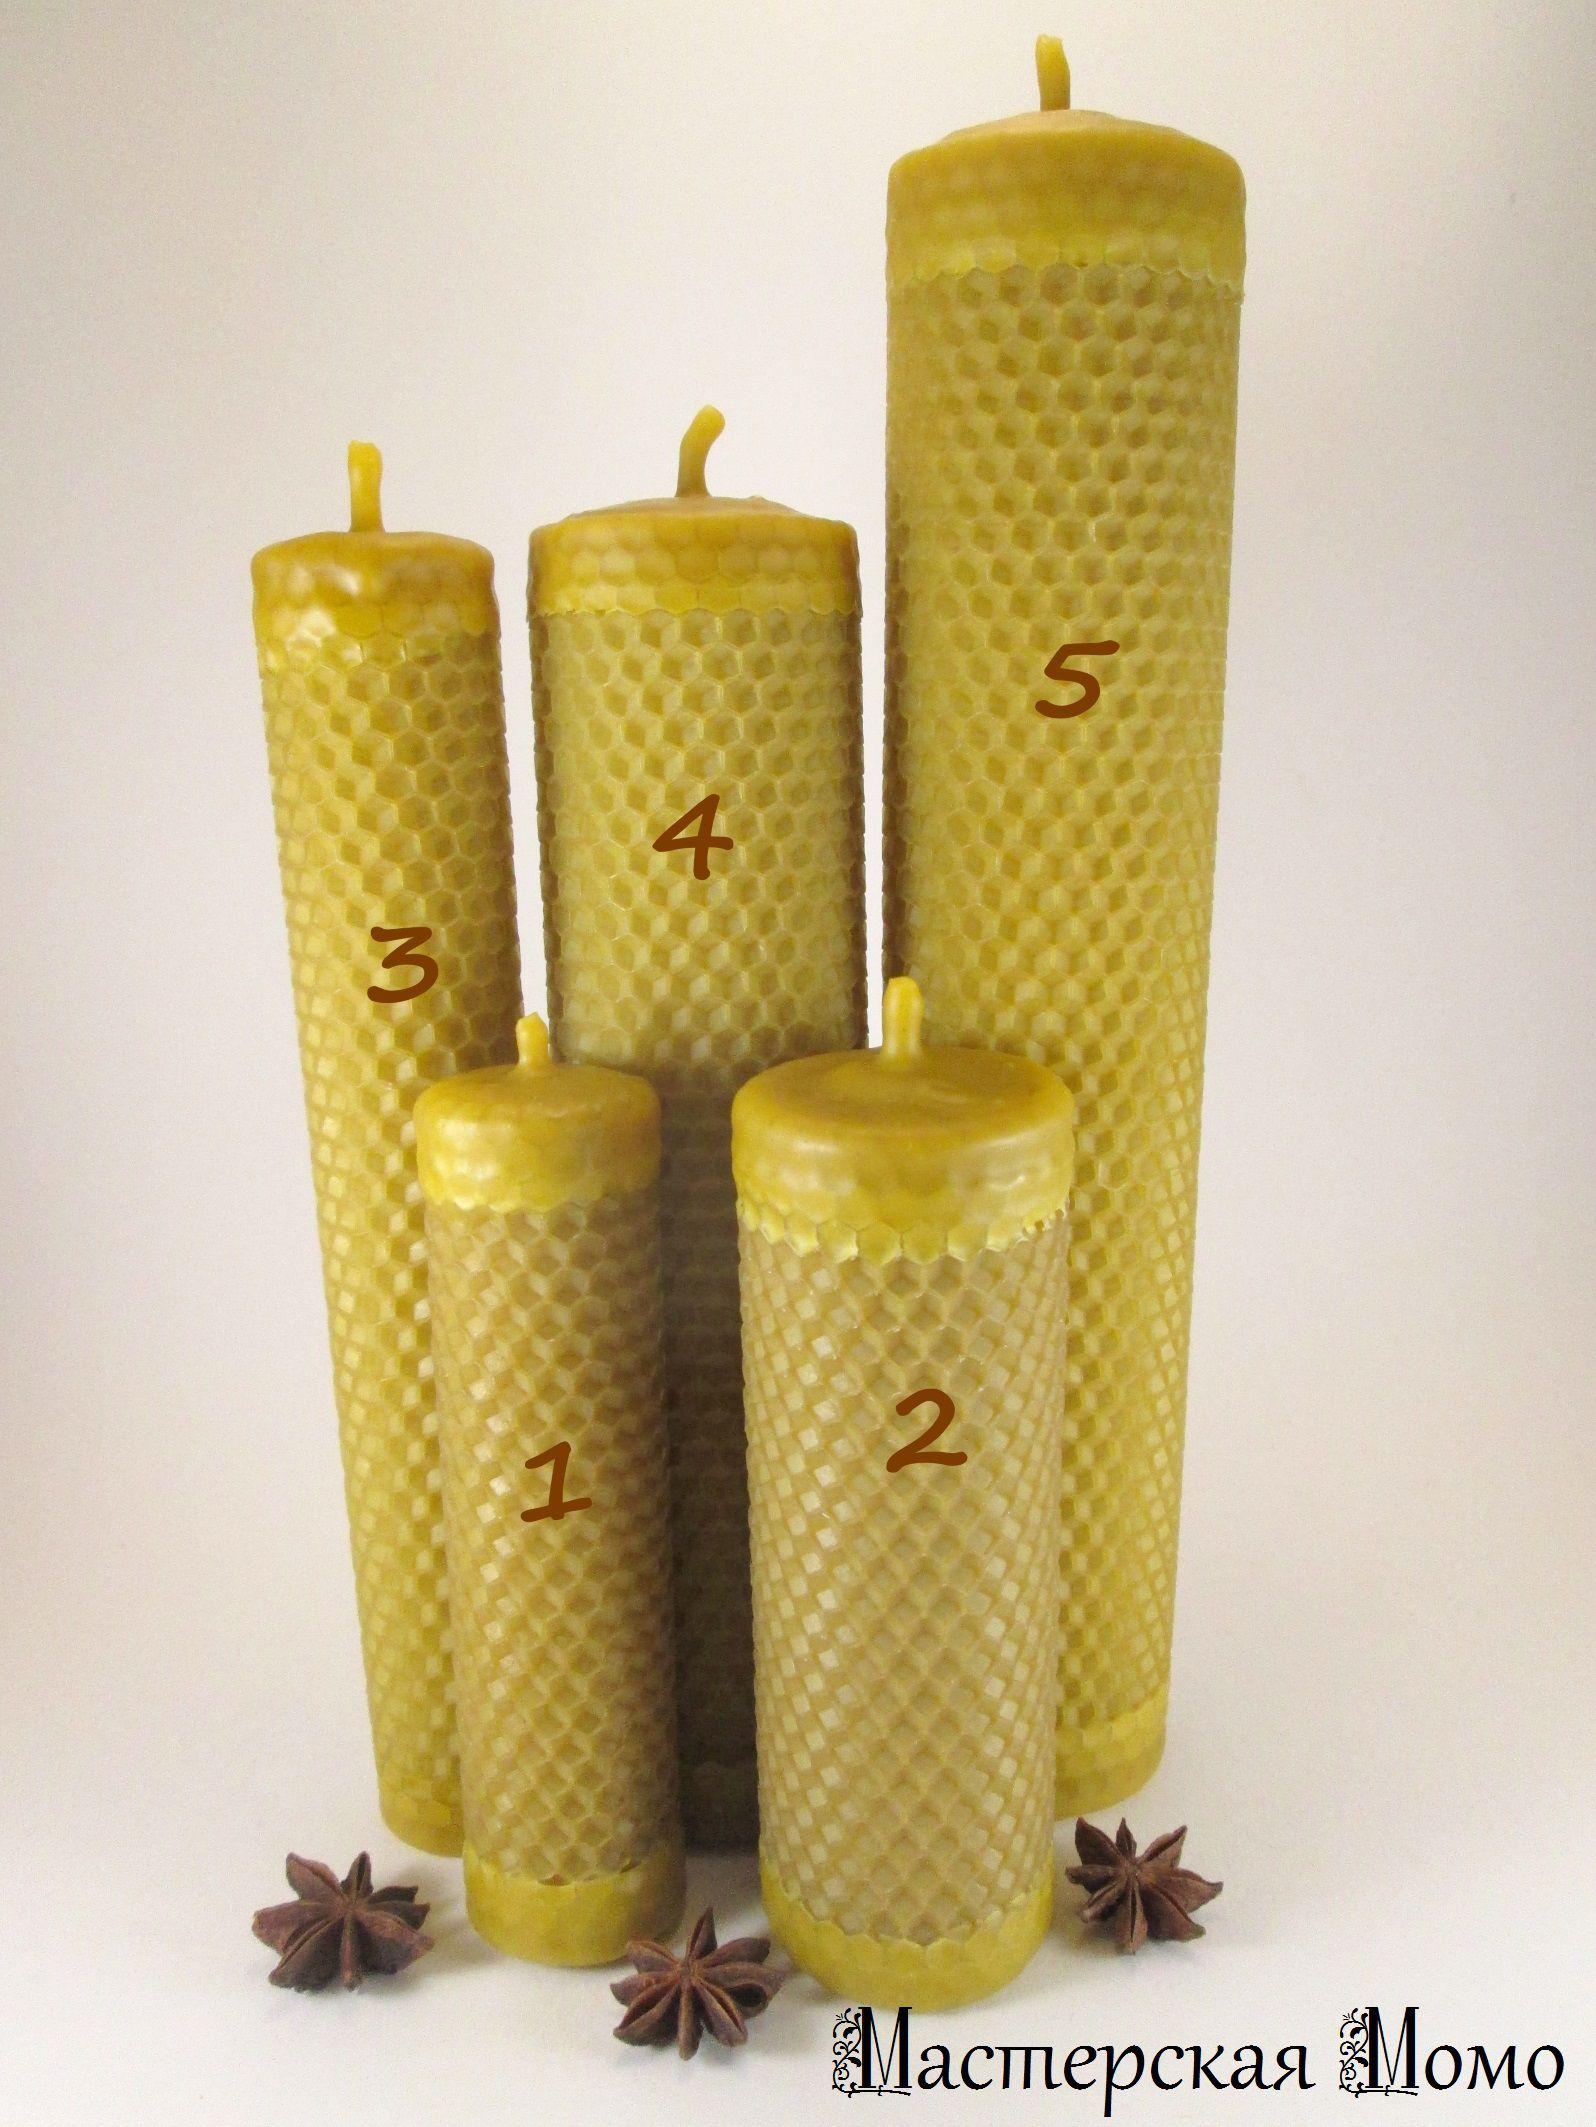 случай 8 воска восковая вощины дома восковые хит любой уюта новый свечи праздник для день из валентина на год марта свеча подарок